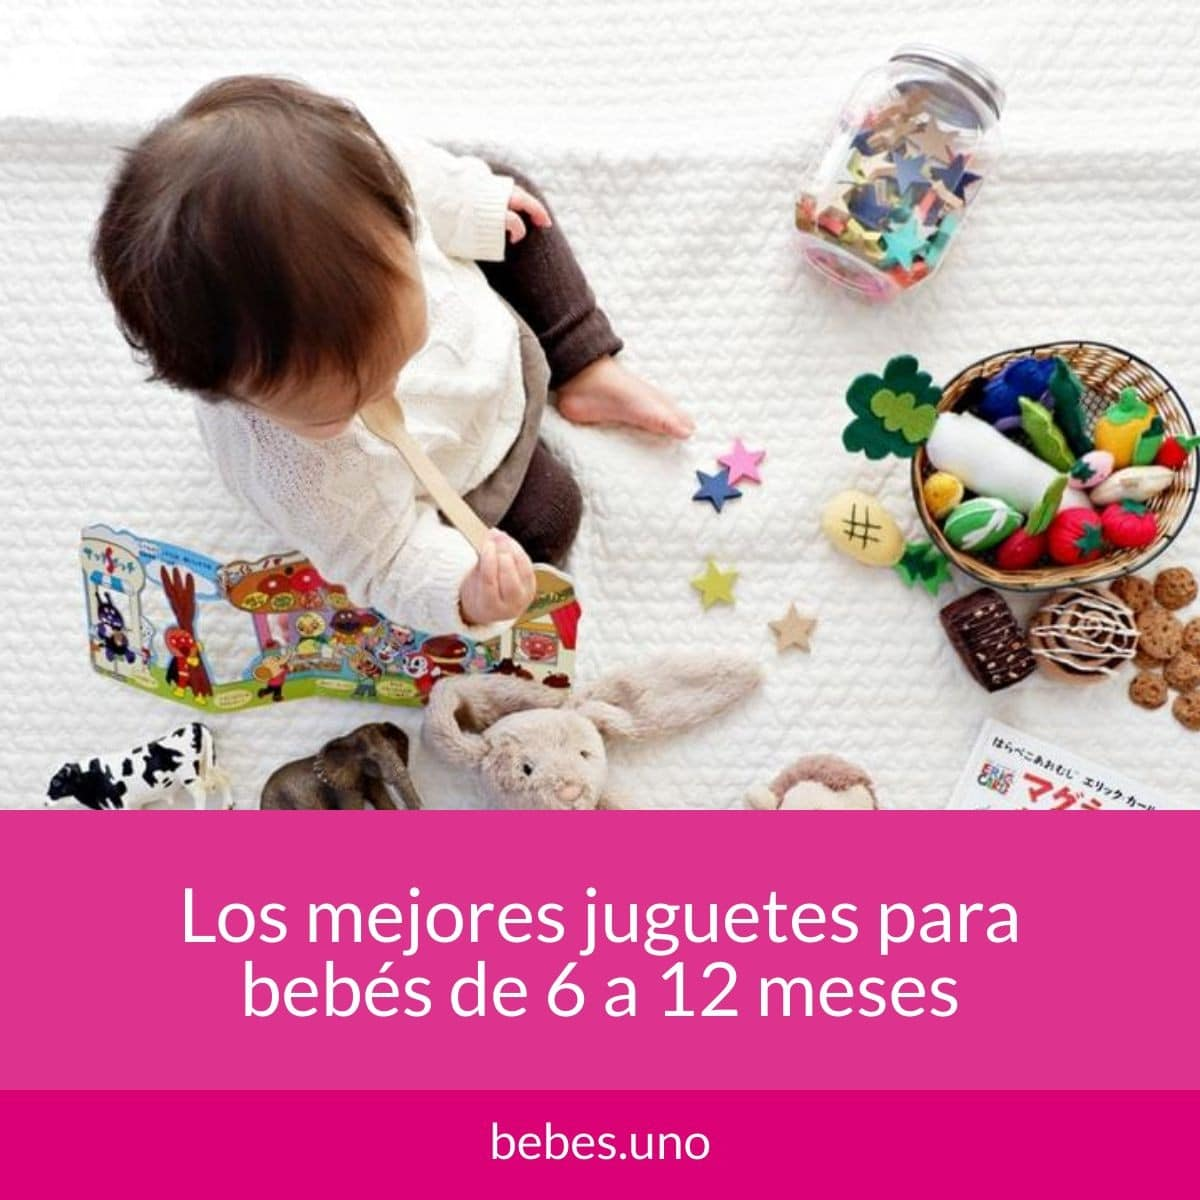 Los mejores juguetes para bebés de 6 a 12 meses: consejos y recomendaciones